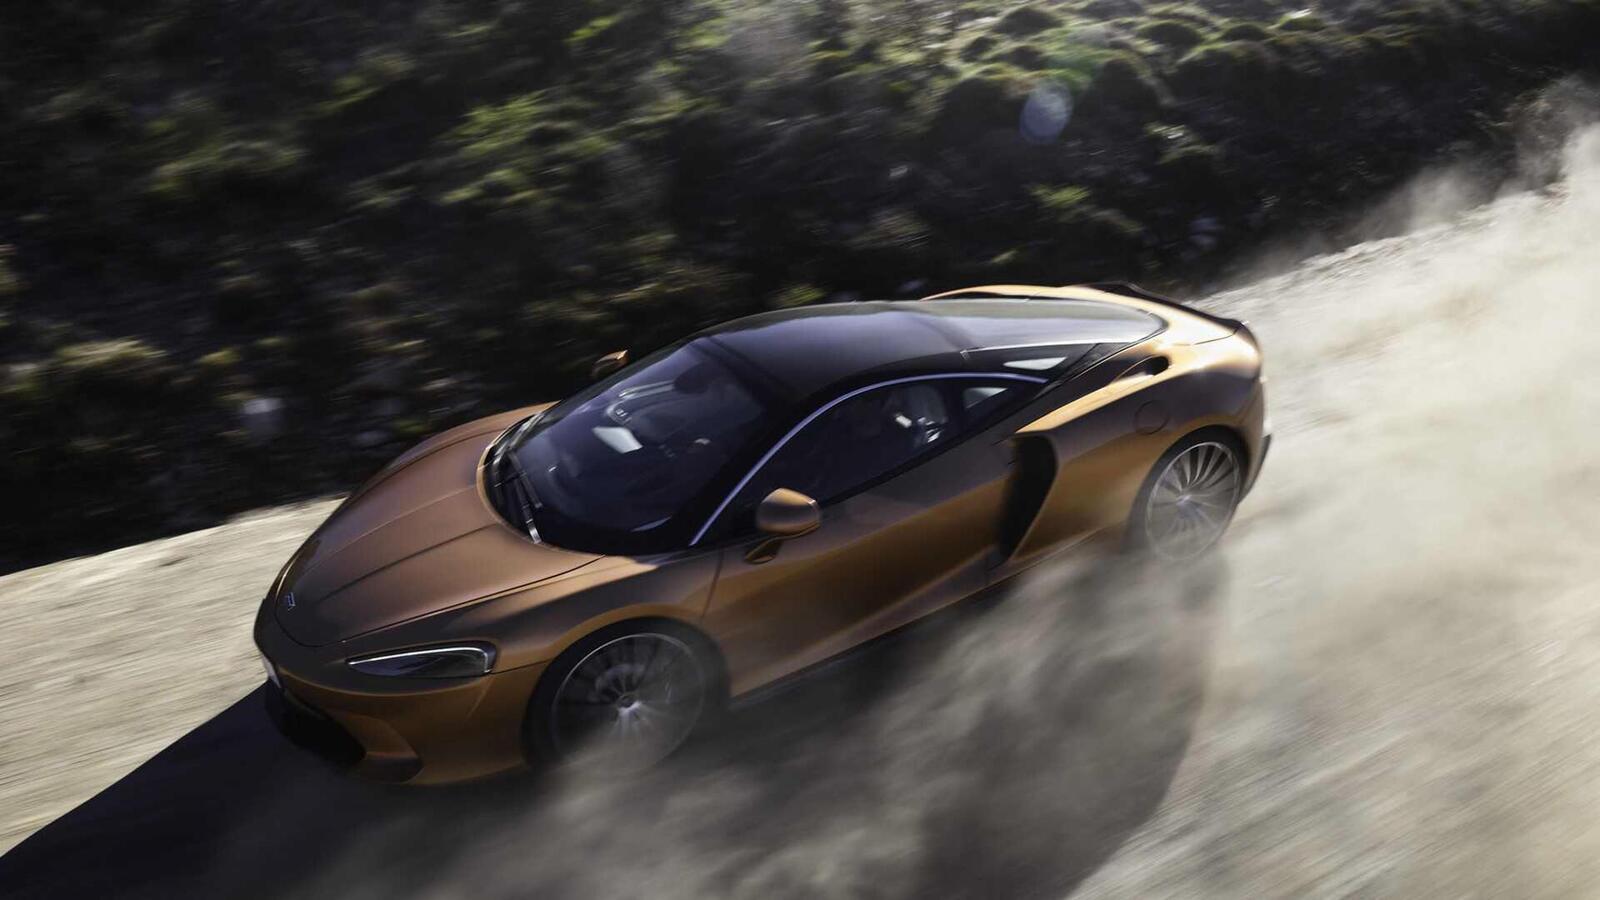 McLaren giới thiệu siêu xe GT 2020 hoàn toàn mới: Động cơ mạnh mẽ và cabin thoải mái - Hình 14